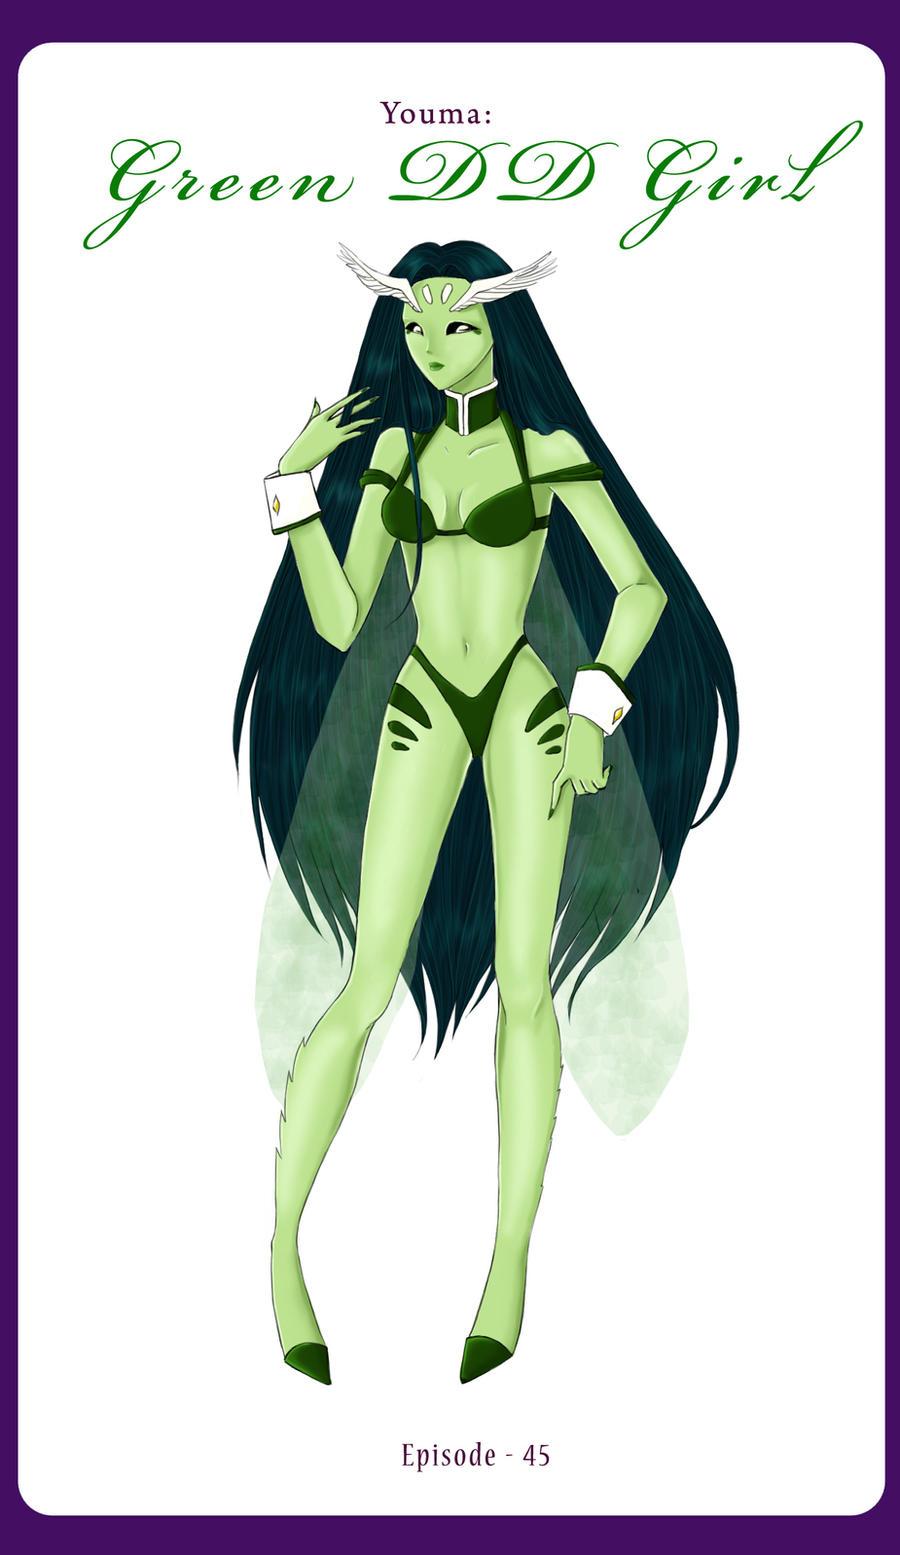 http://fc03.deviantart.net/fs34/i/2008/294/1/d/Page_45___Green_DD_Girl_by_Dark_elfa.jpg